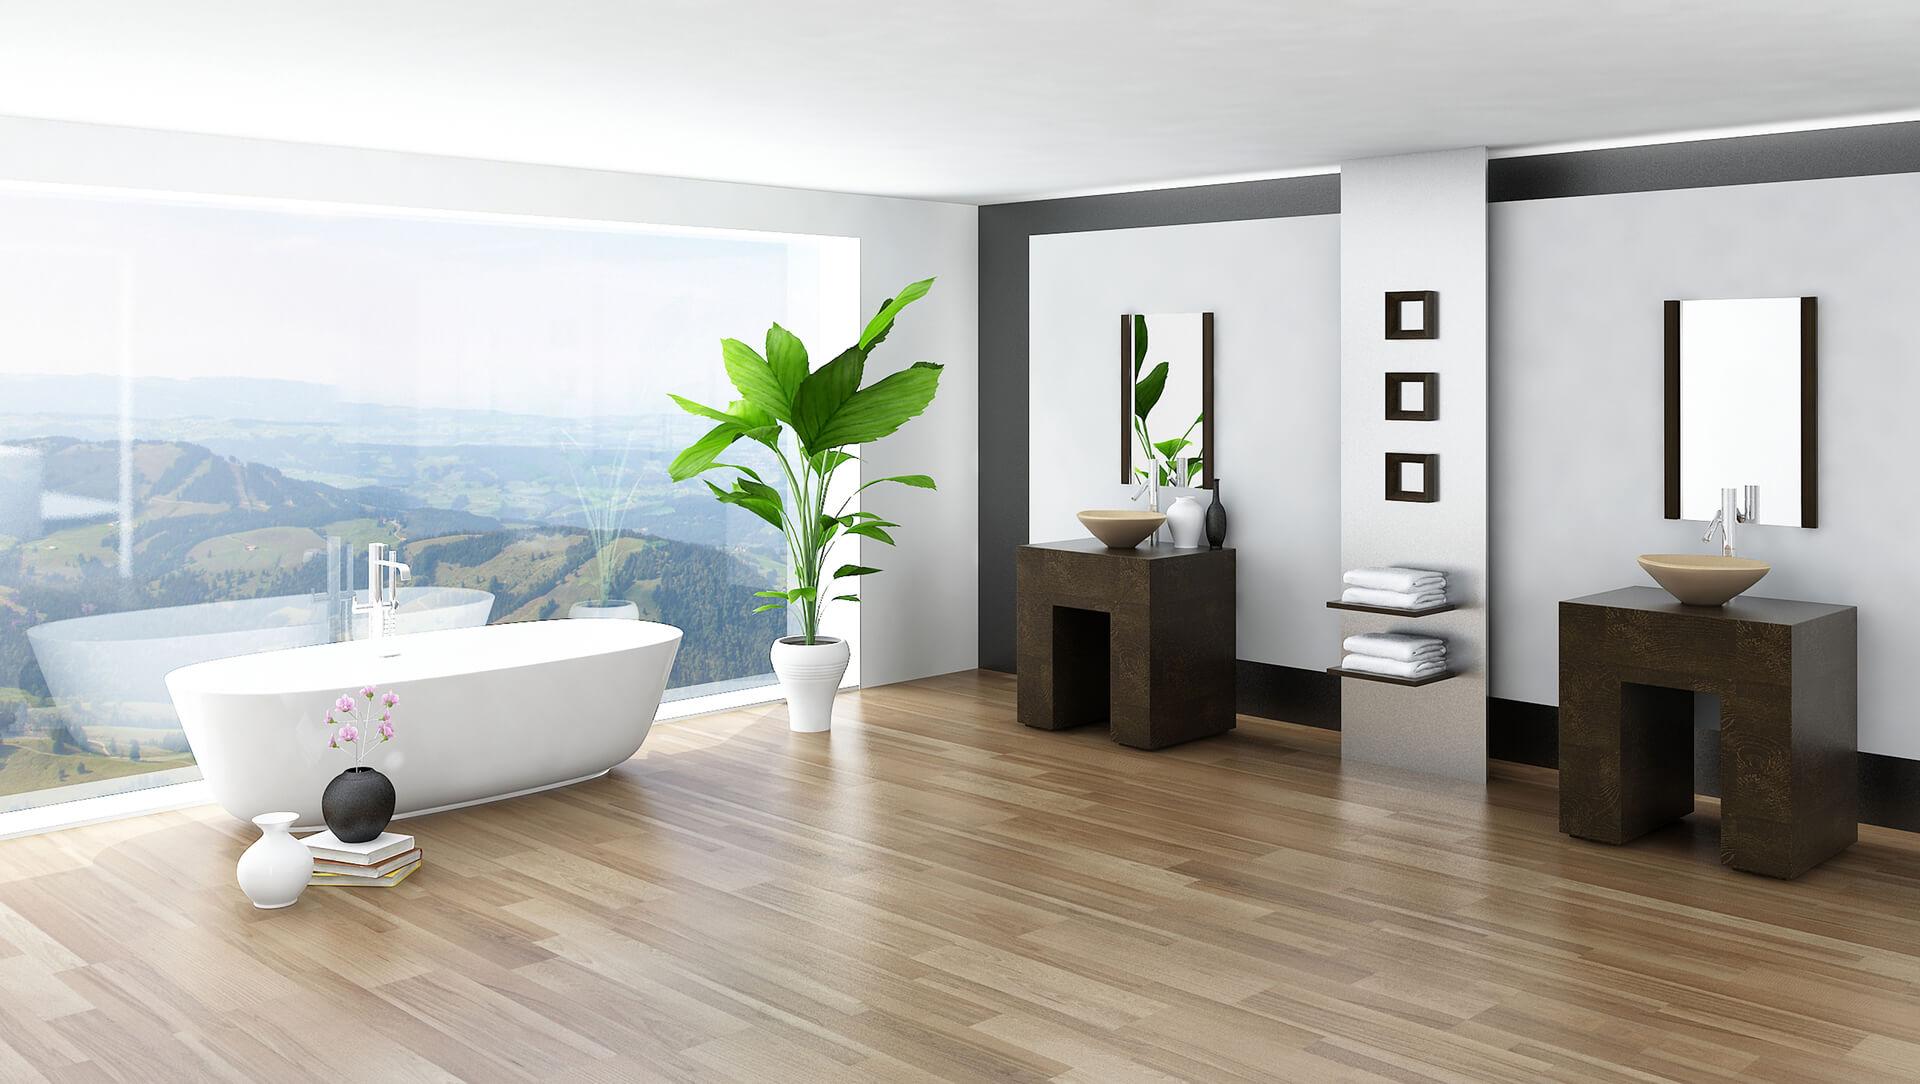 כלים סנטרים וארונות אמבטיה 1